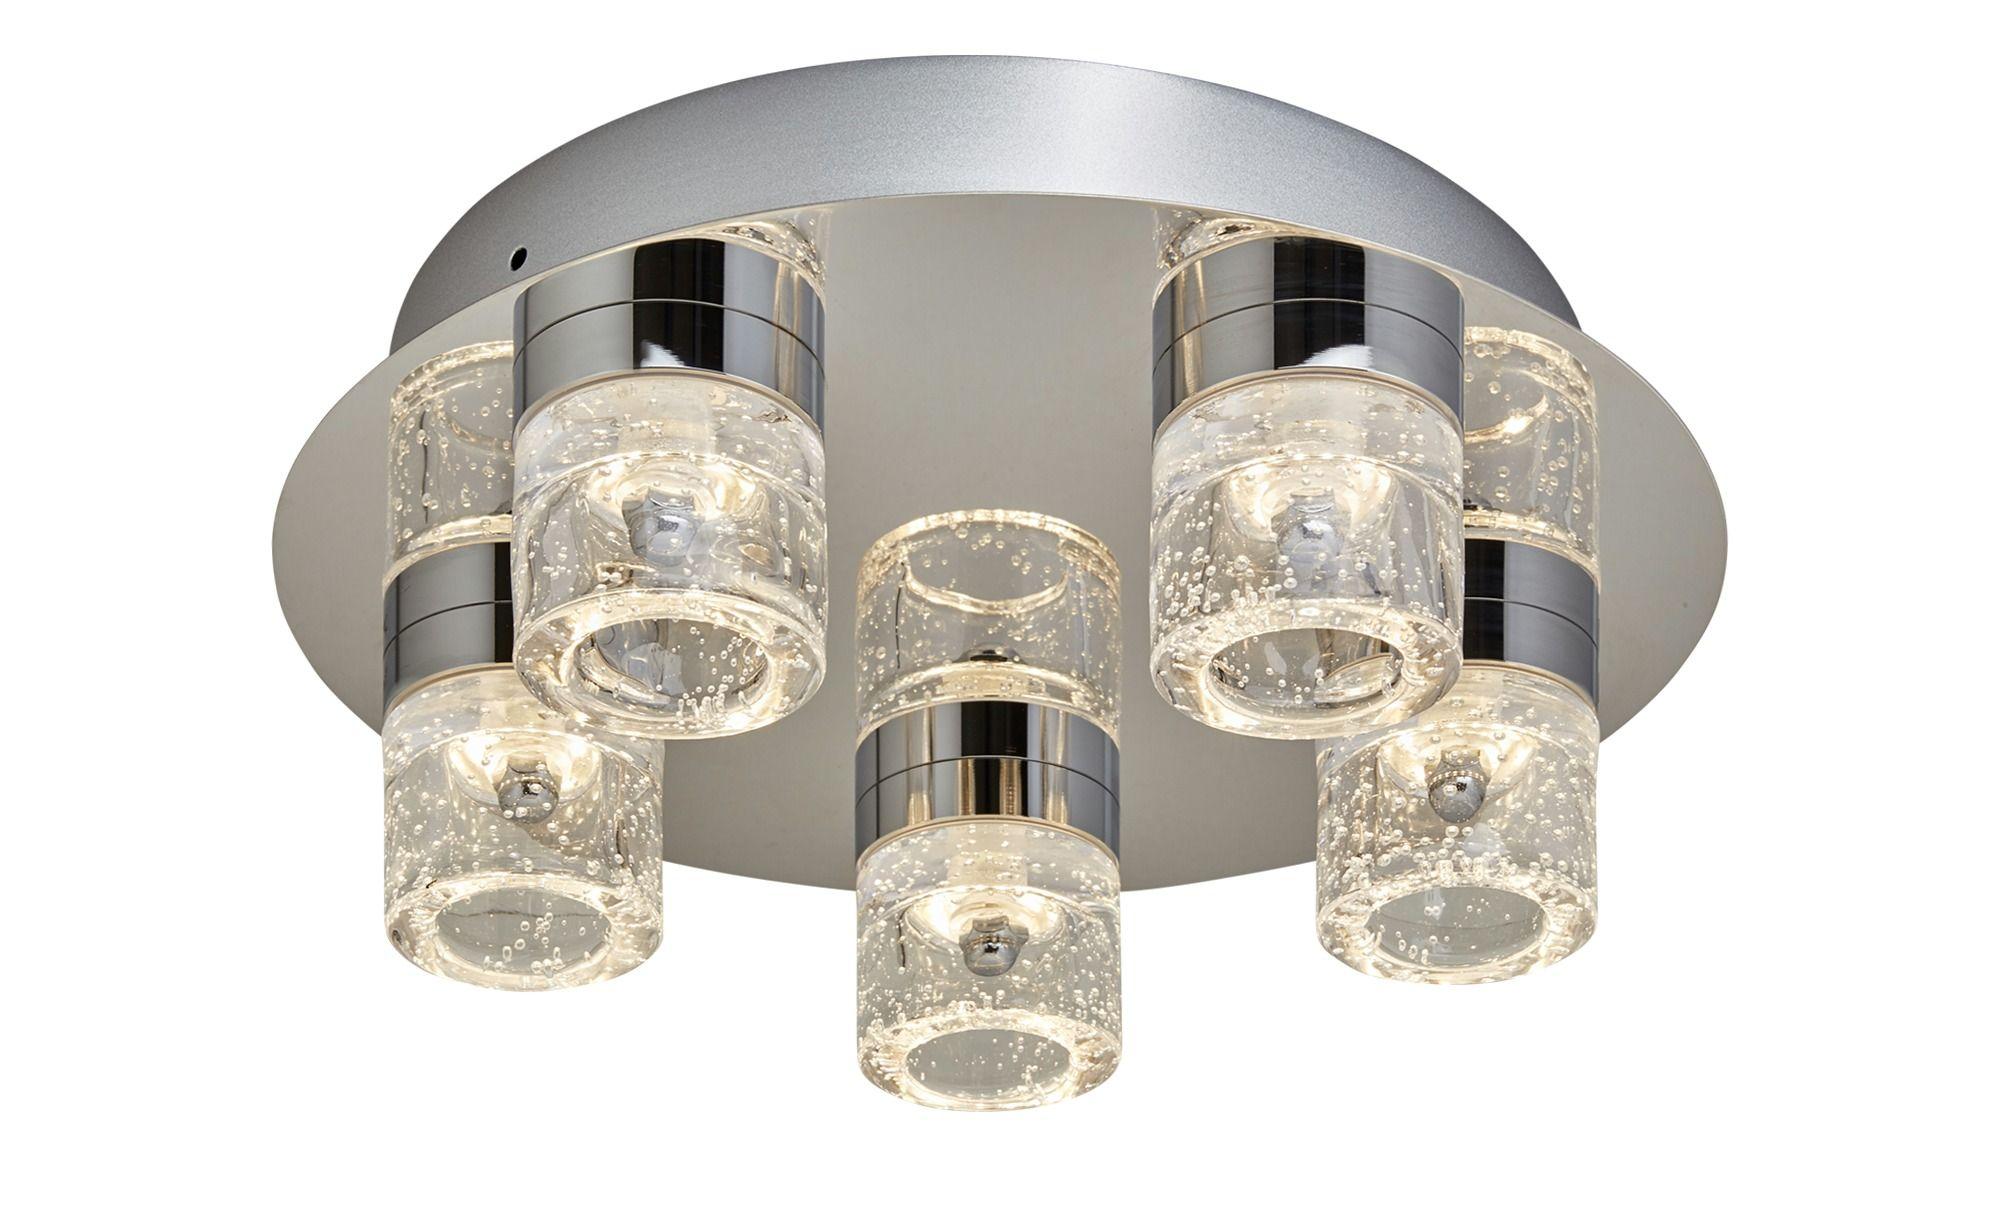 Deckenleuchte Arbeitszimmer ~ Paul neuhaus led deckenleuchte 3 flammig acrylglas mit